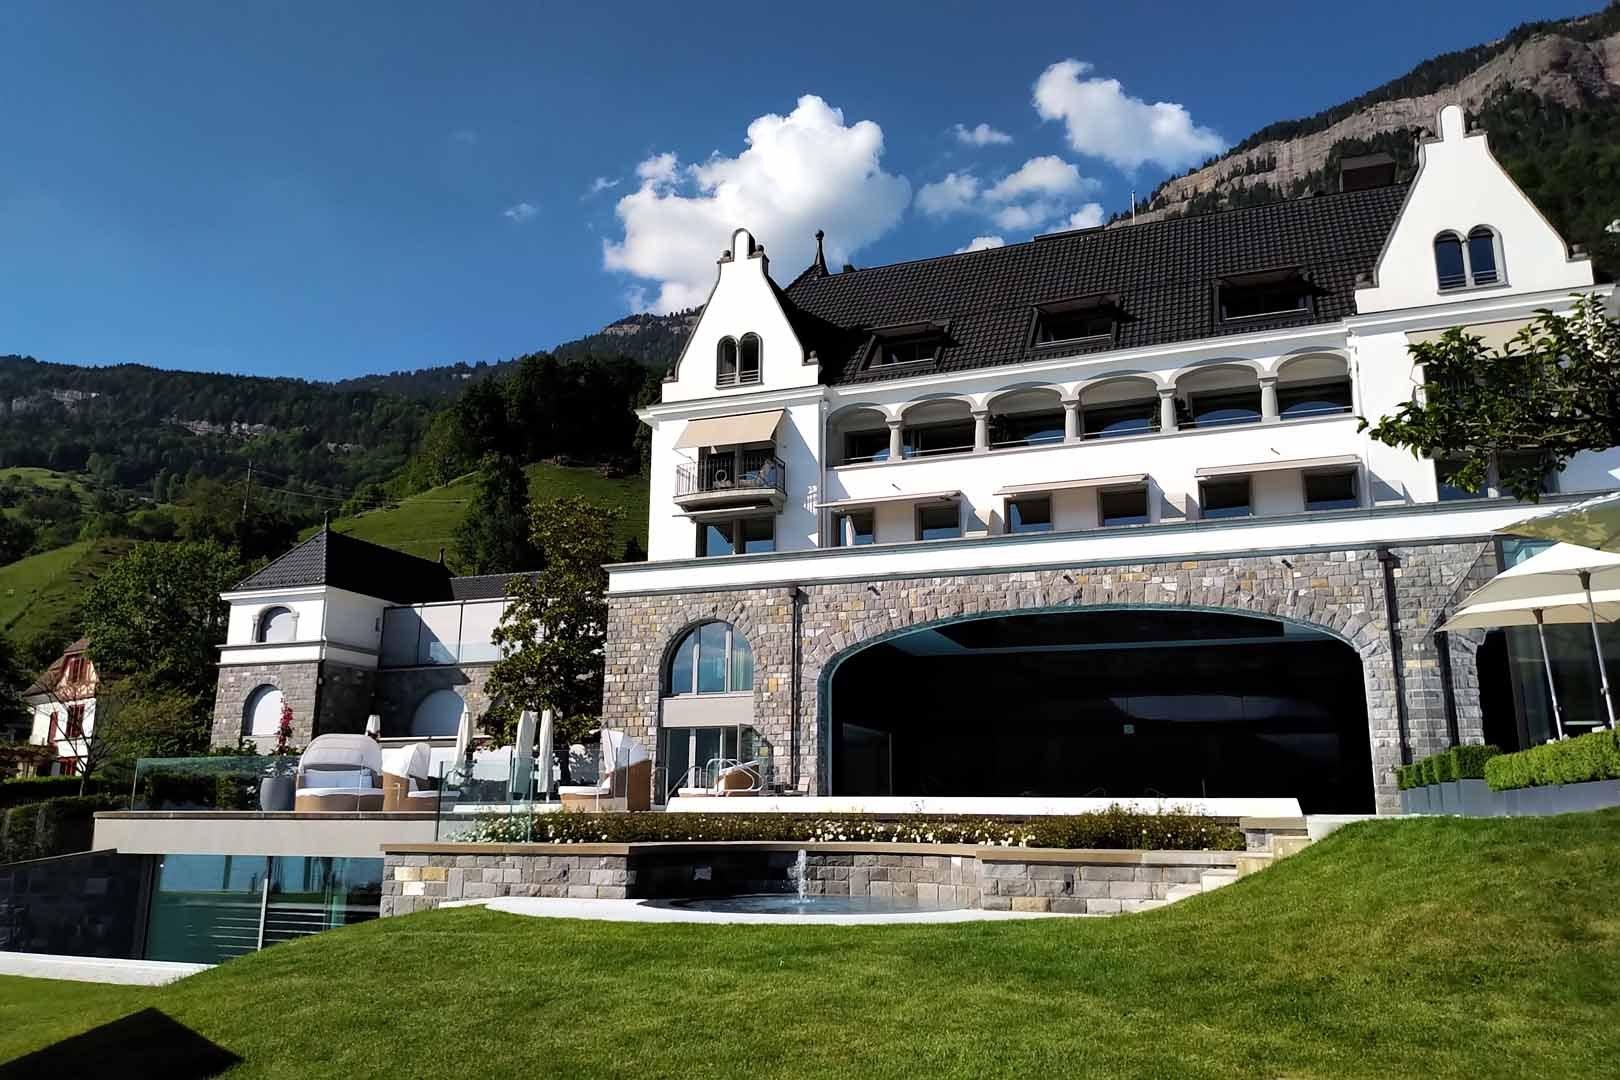 Park-Hotel-Vitznau_Slideshow_004